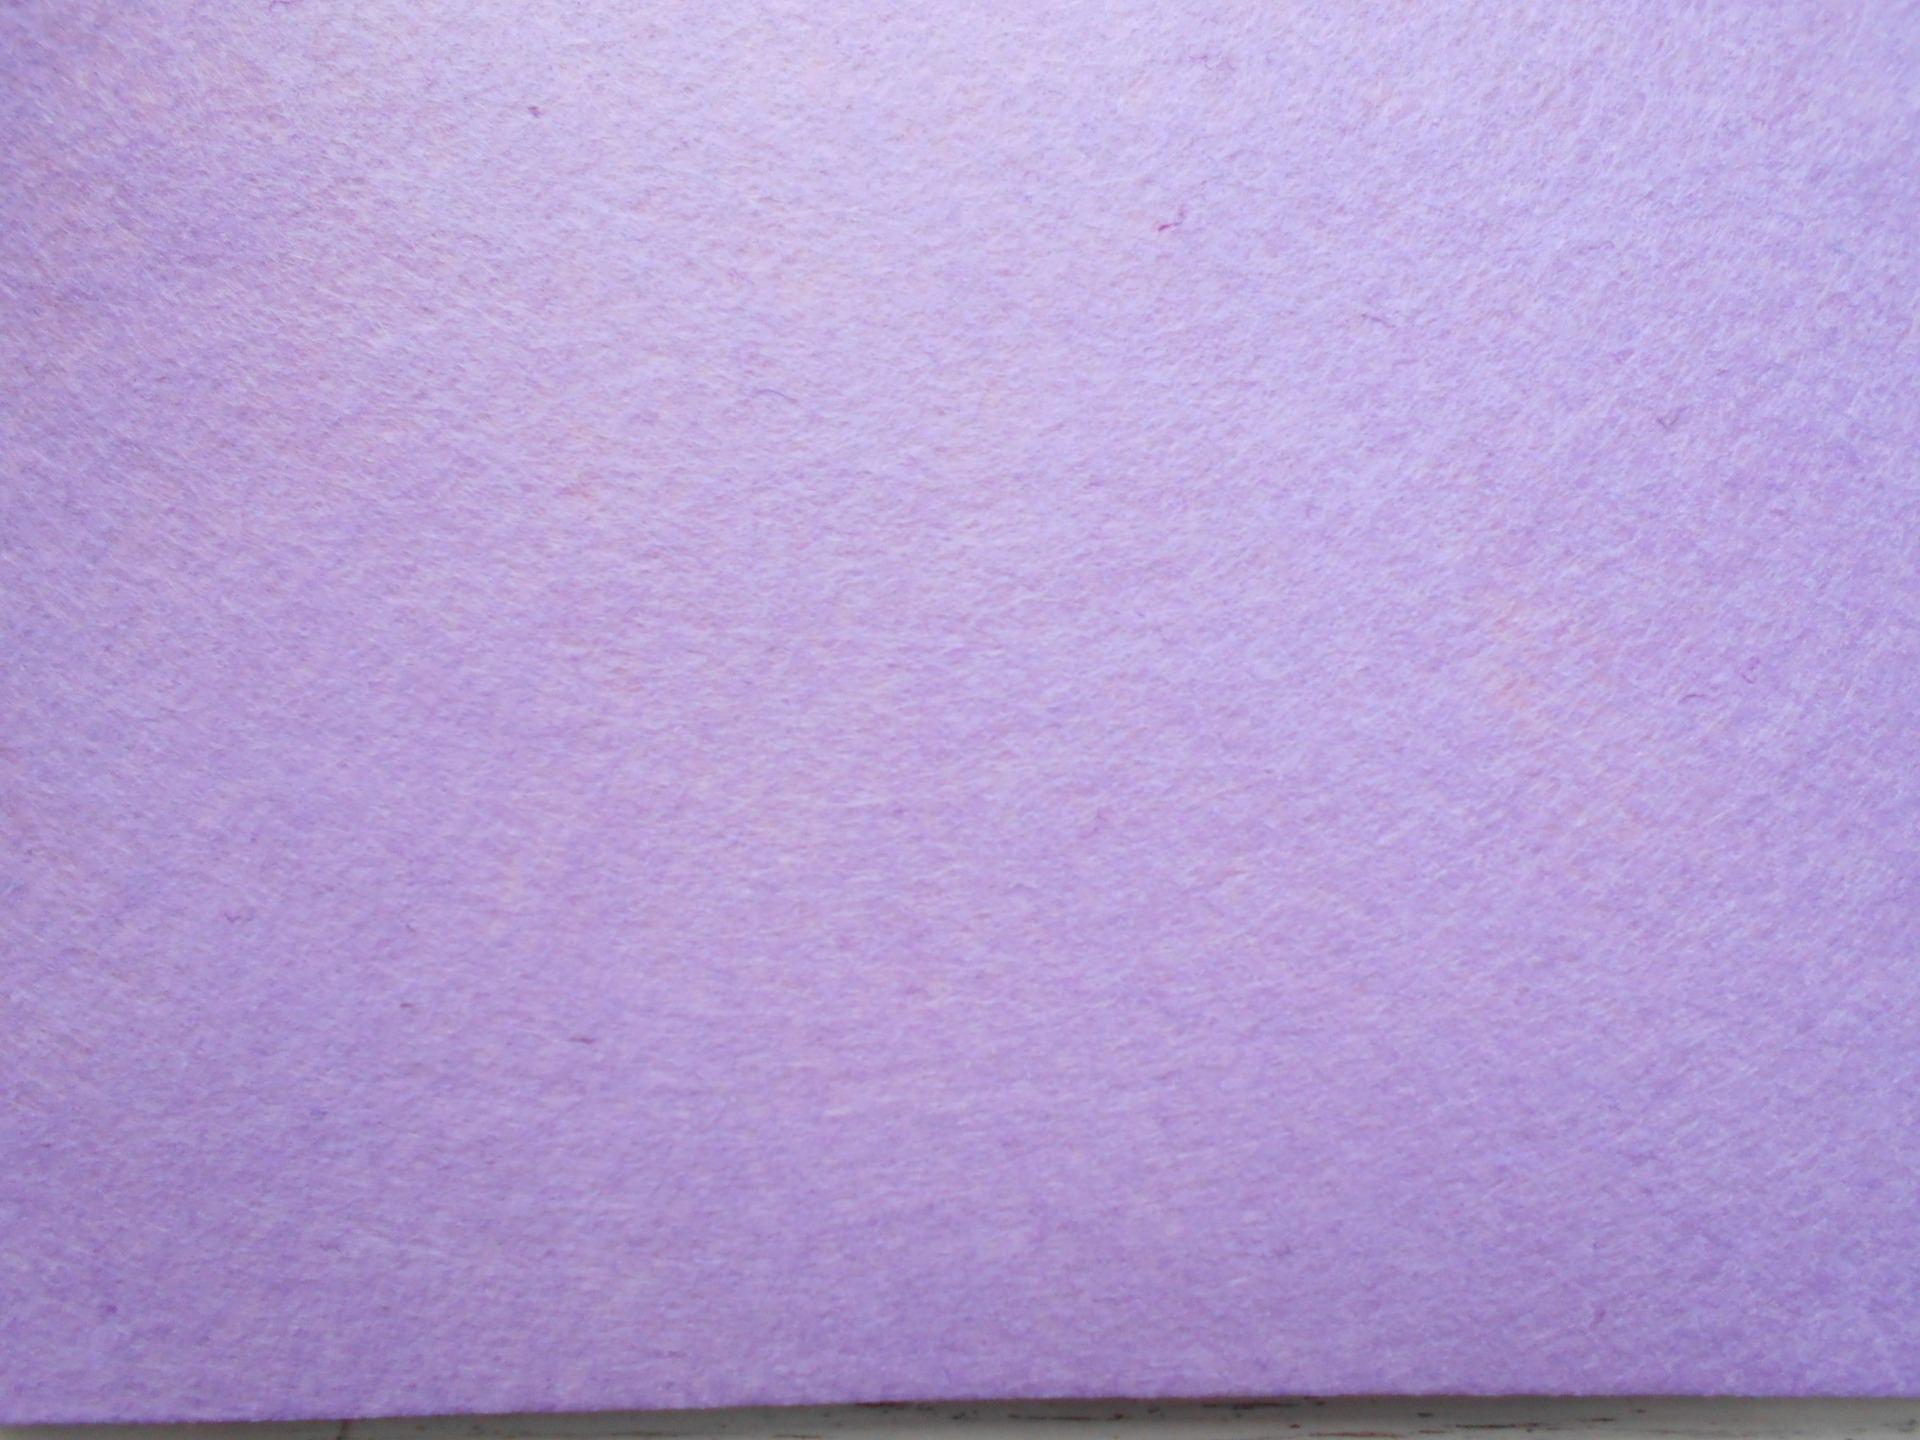 feuille de feutrine format a4 de couleur parme violet clair. Black Bedroom Furniture Sets. Home Design Ideas